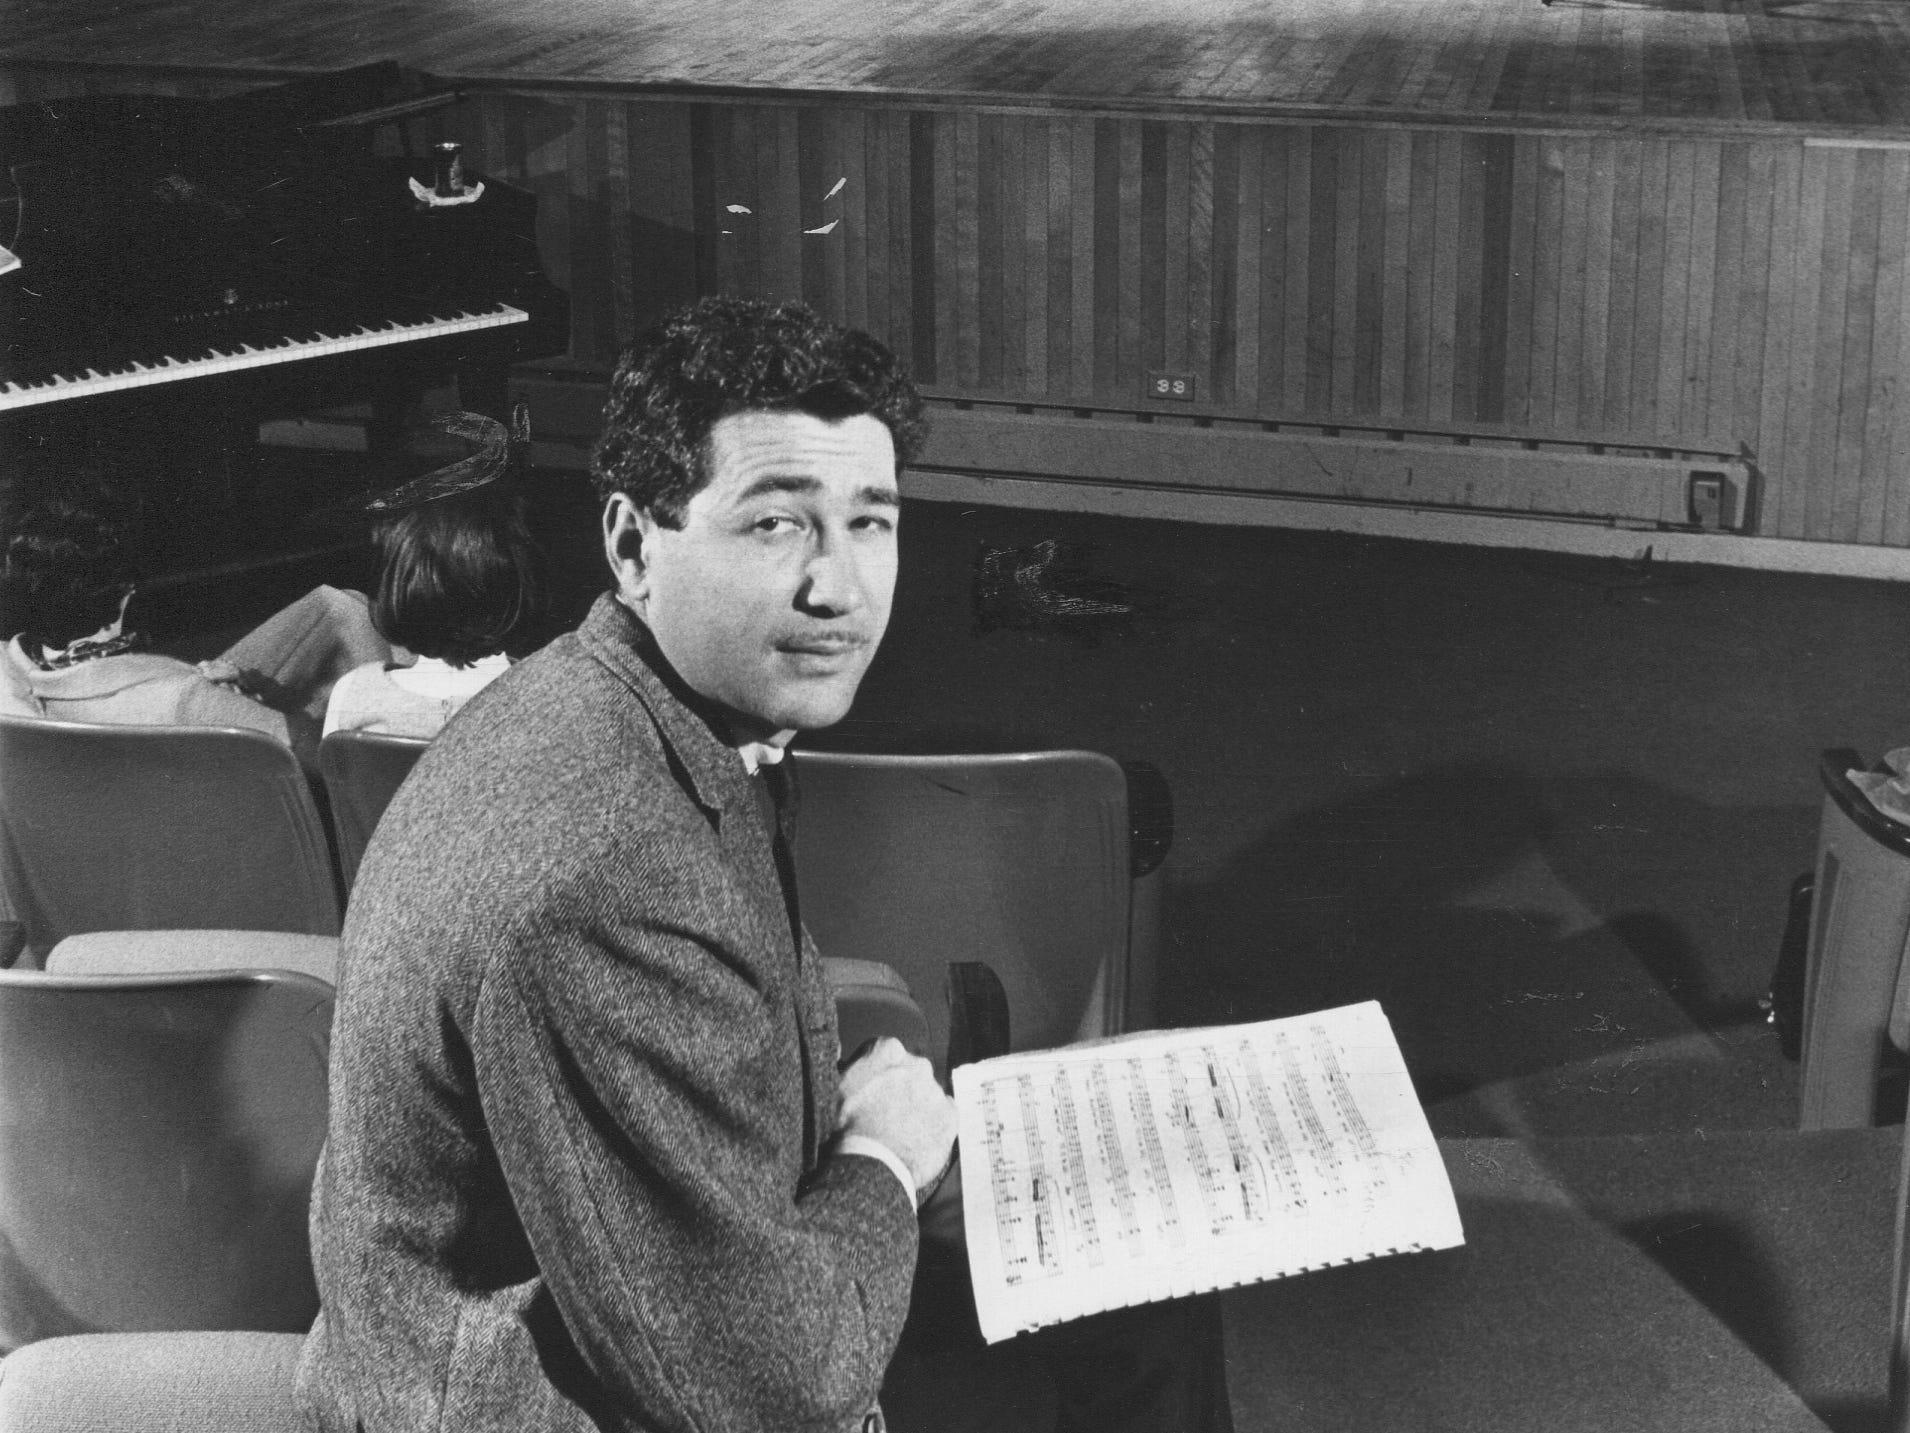 David DiChiera, Feb. 9, 1967